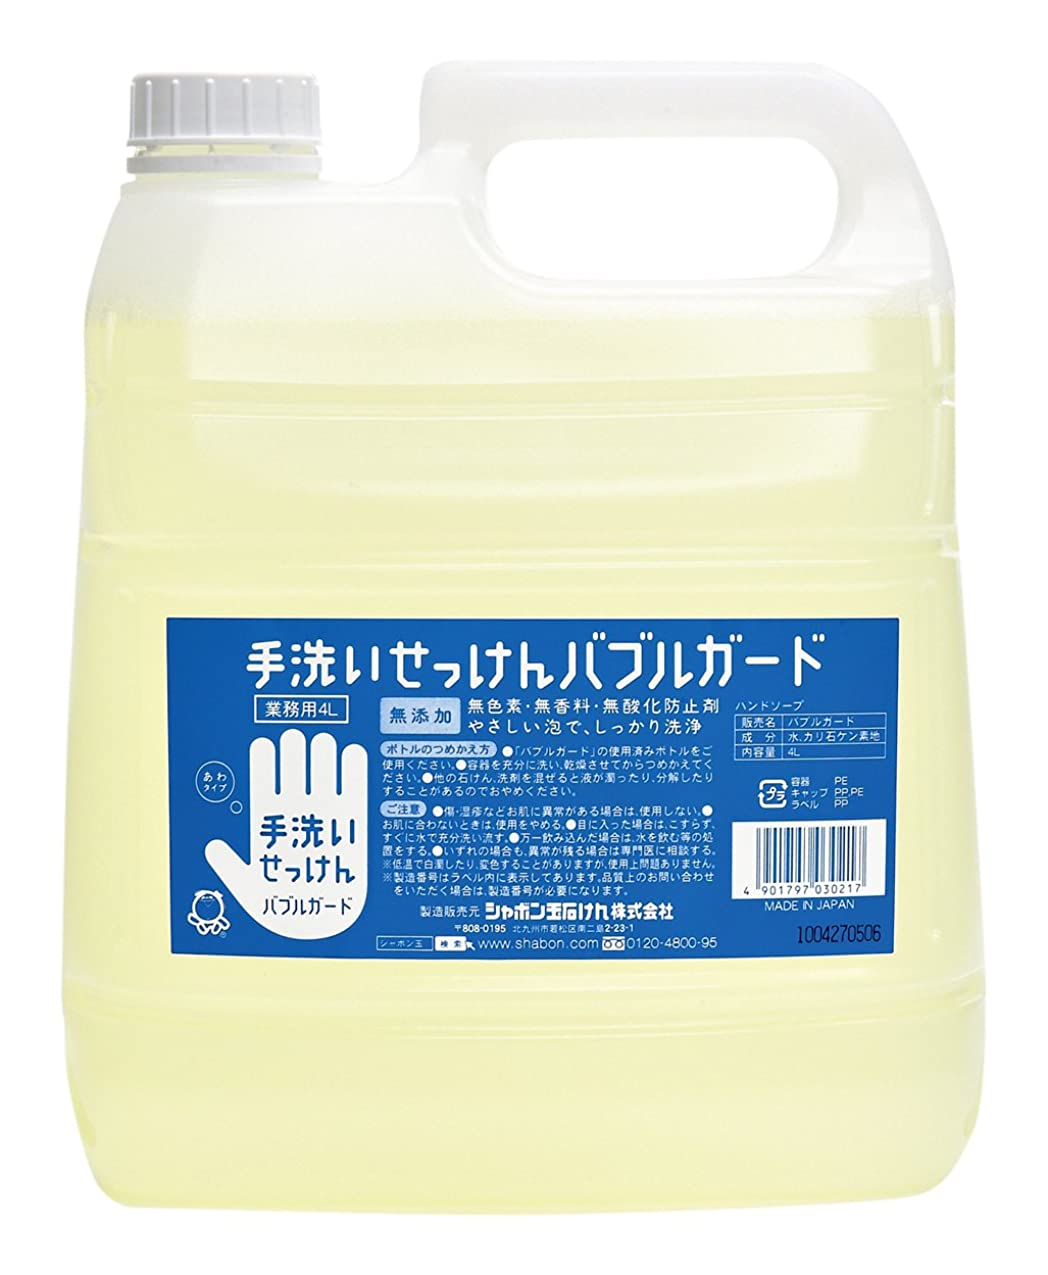 つばおびえたジュラシックパーク【大容量】 シャボン玉 バブルガード 業務用 4L